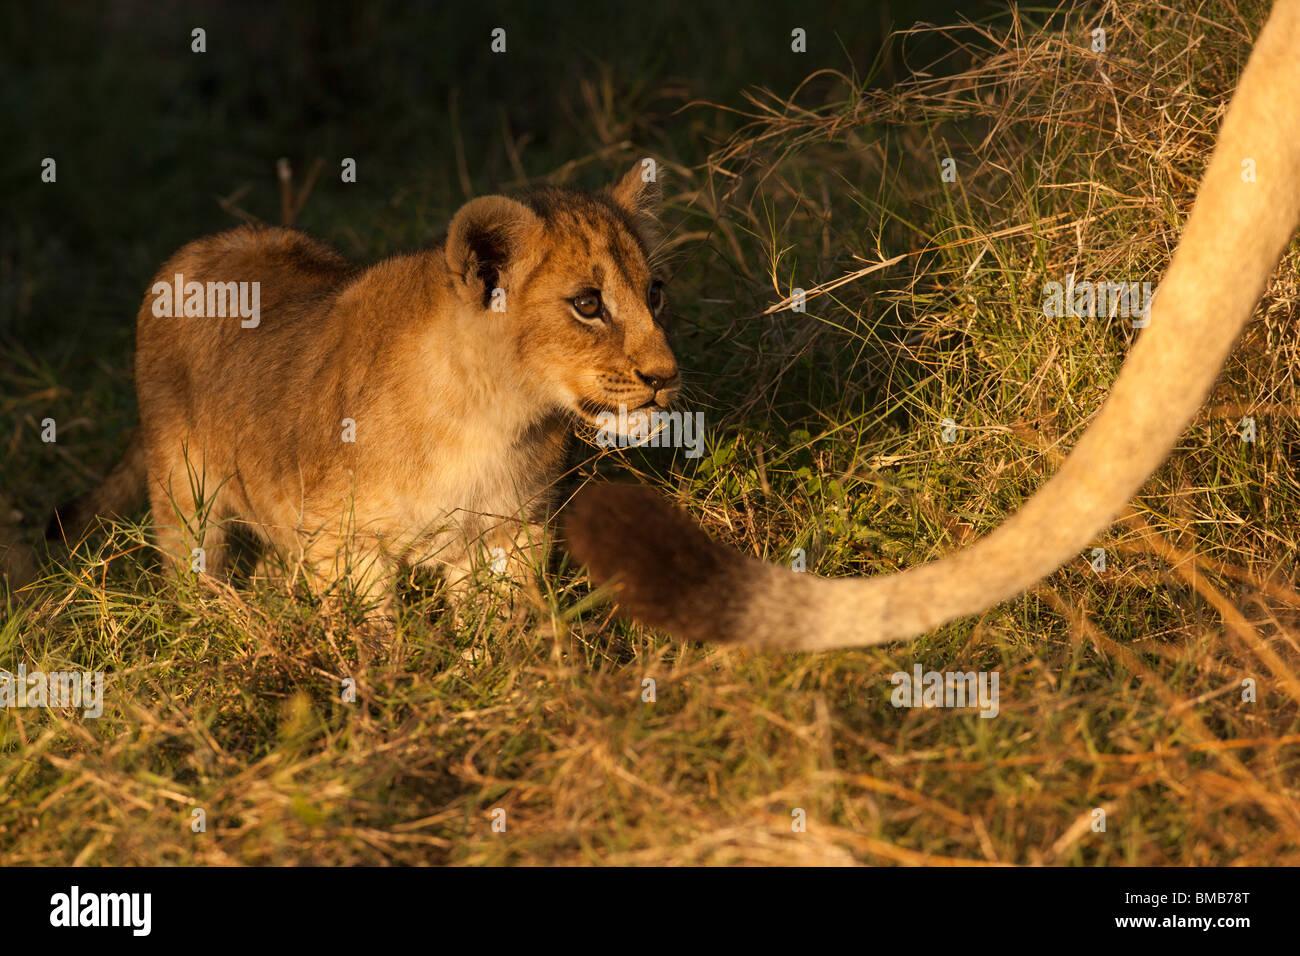 Luz dorada en lindo bebé cachorro de león de cerca, de pie tras una larga cola de madre león en el Delta del Okavango Botswana Foto de stock